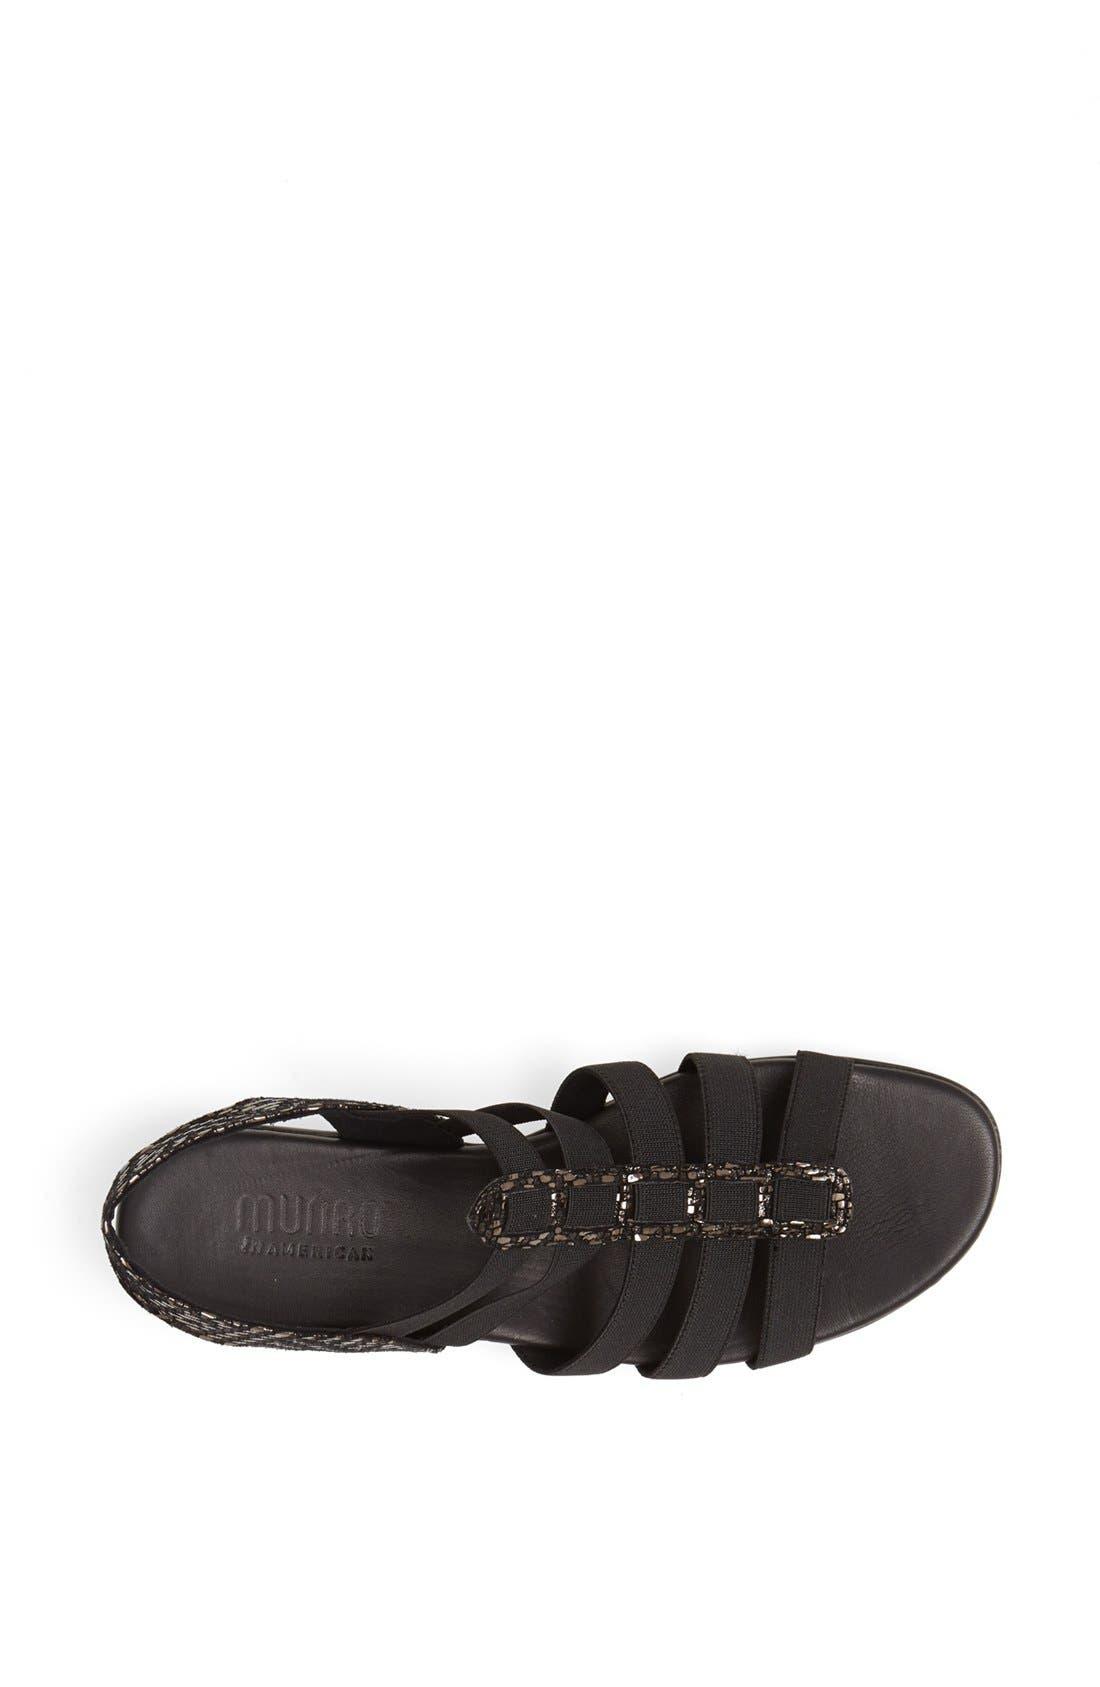 Alternate Image 3  - Munro 'Darian' Sandal